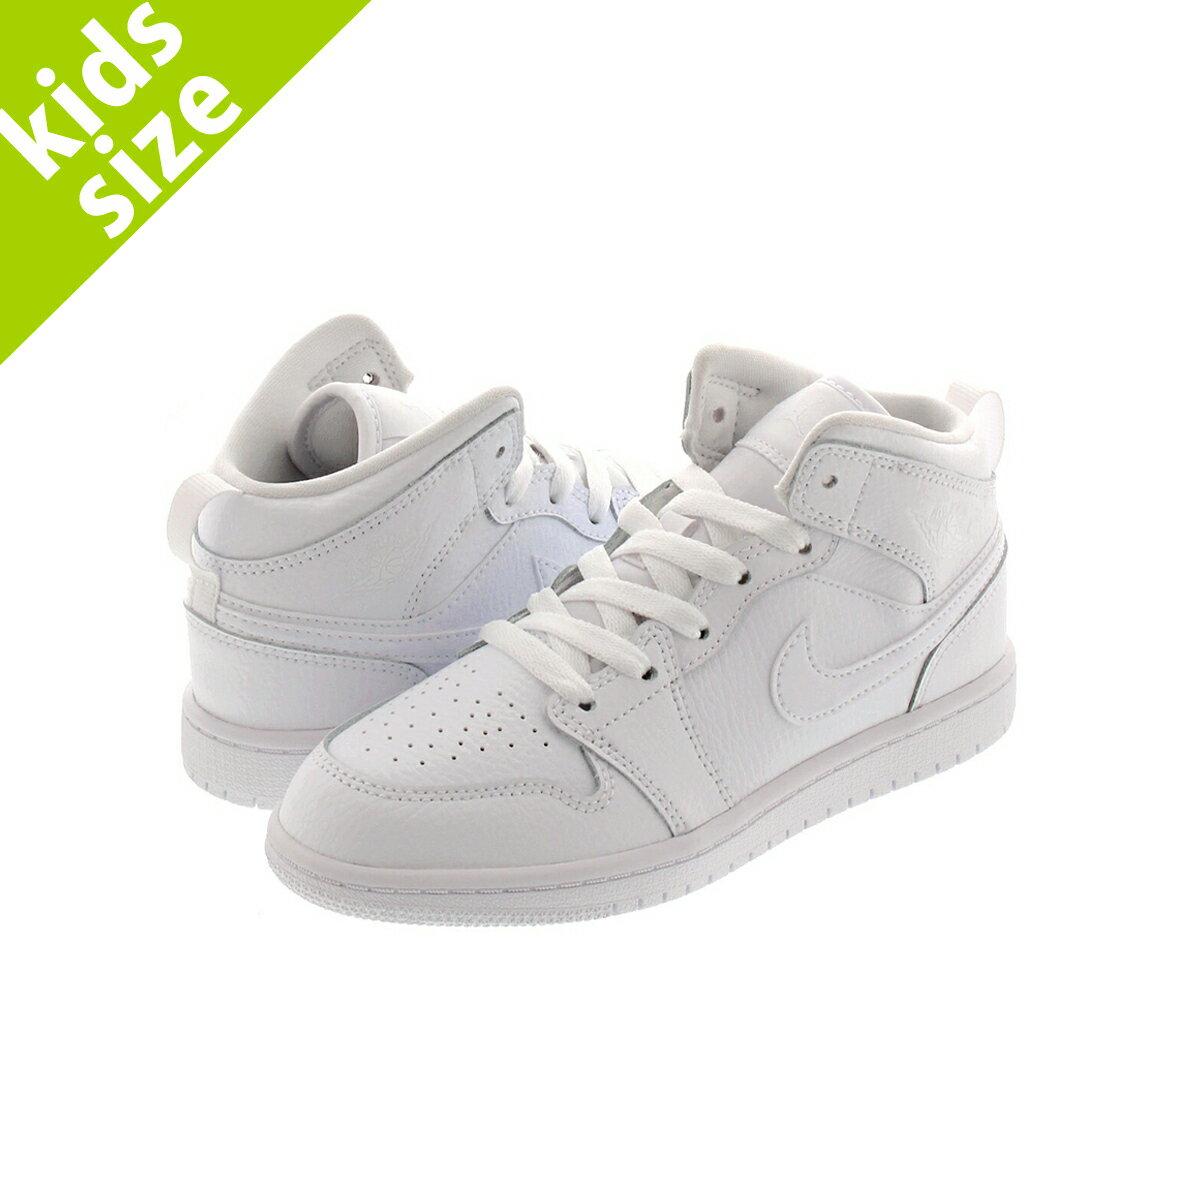 靴, スニーカー 16.022.0cm NIKE AIR JORDAN 1 MID PS 1 PS WHITEWHITE 640734-126